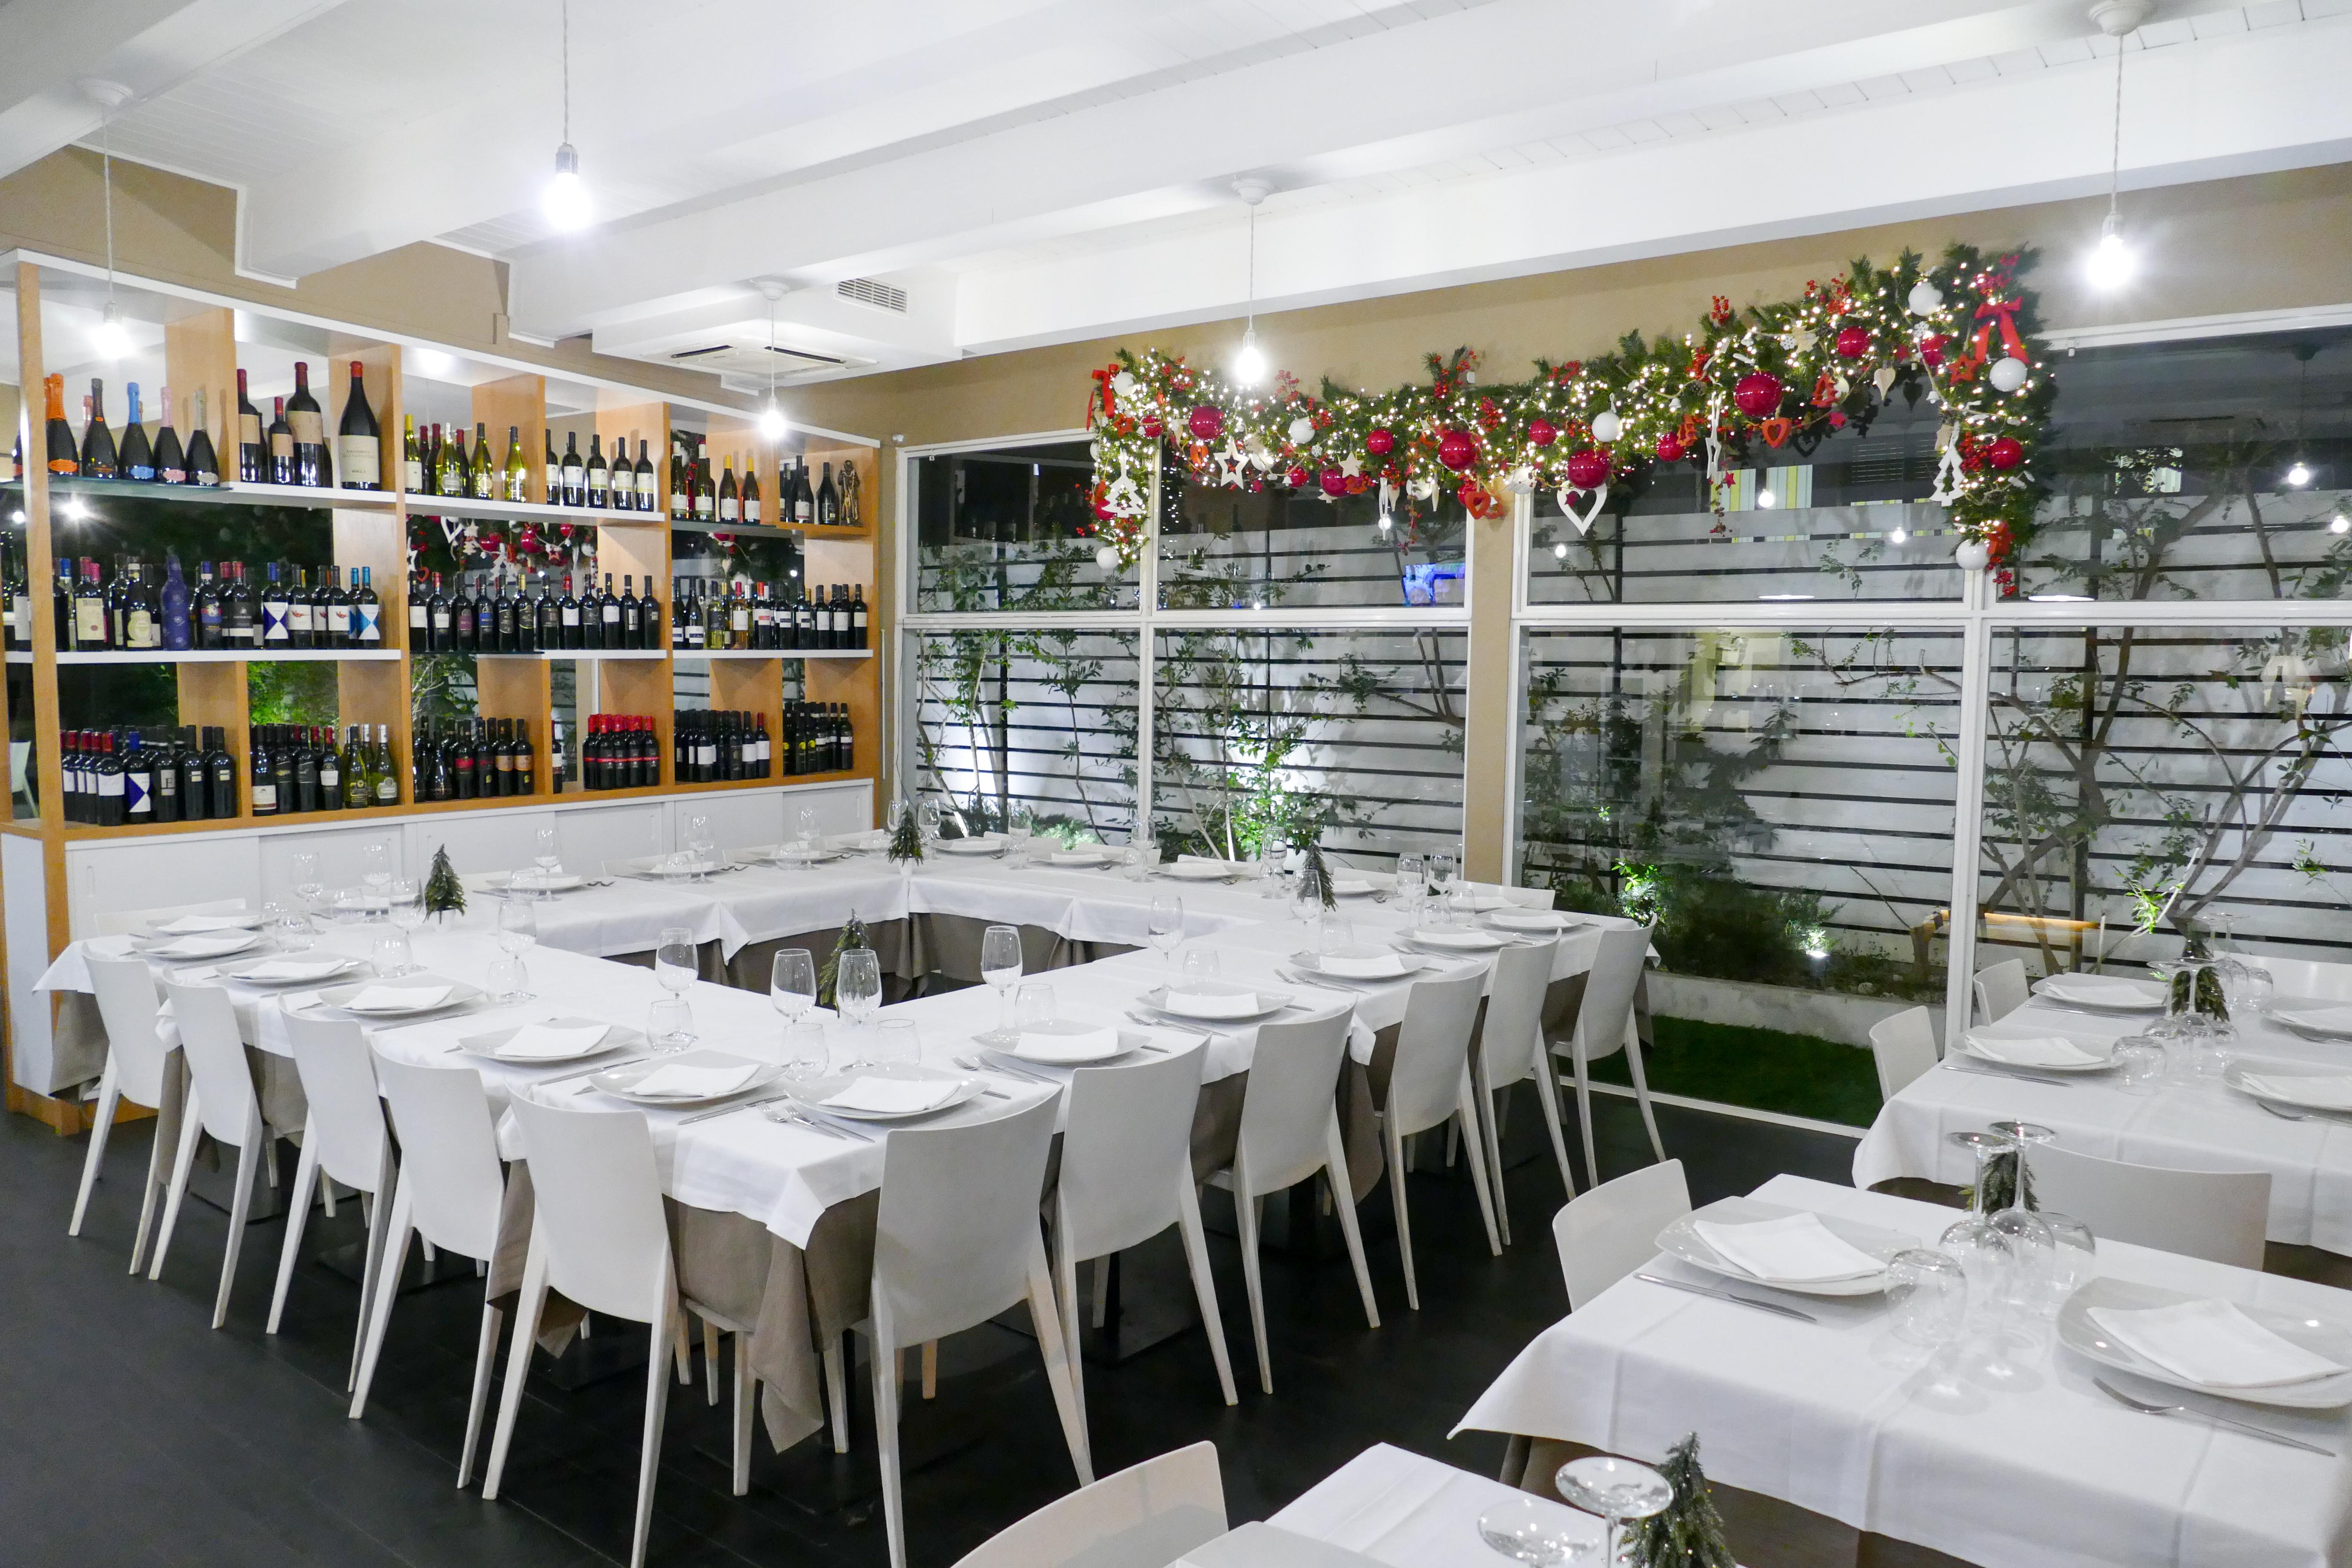 Bottiglie del vino al ristorante Nathalie Restaurant & Caffè a Bari